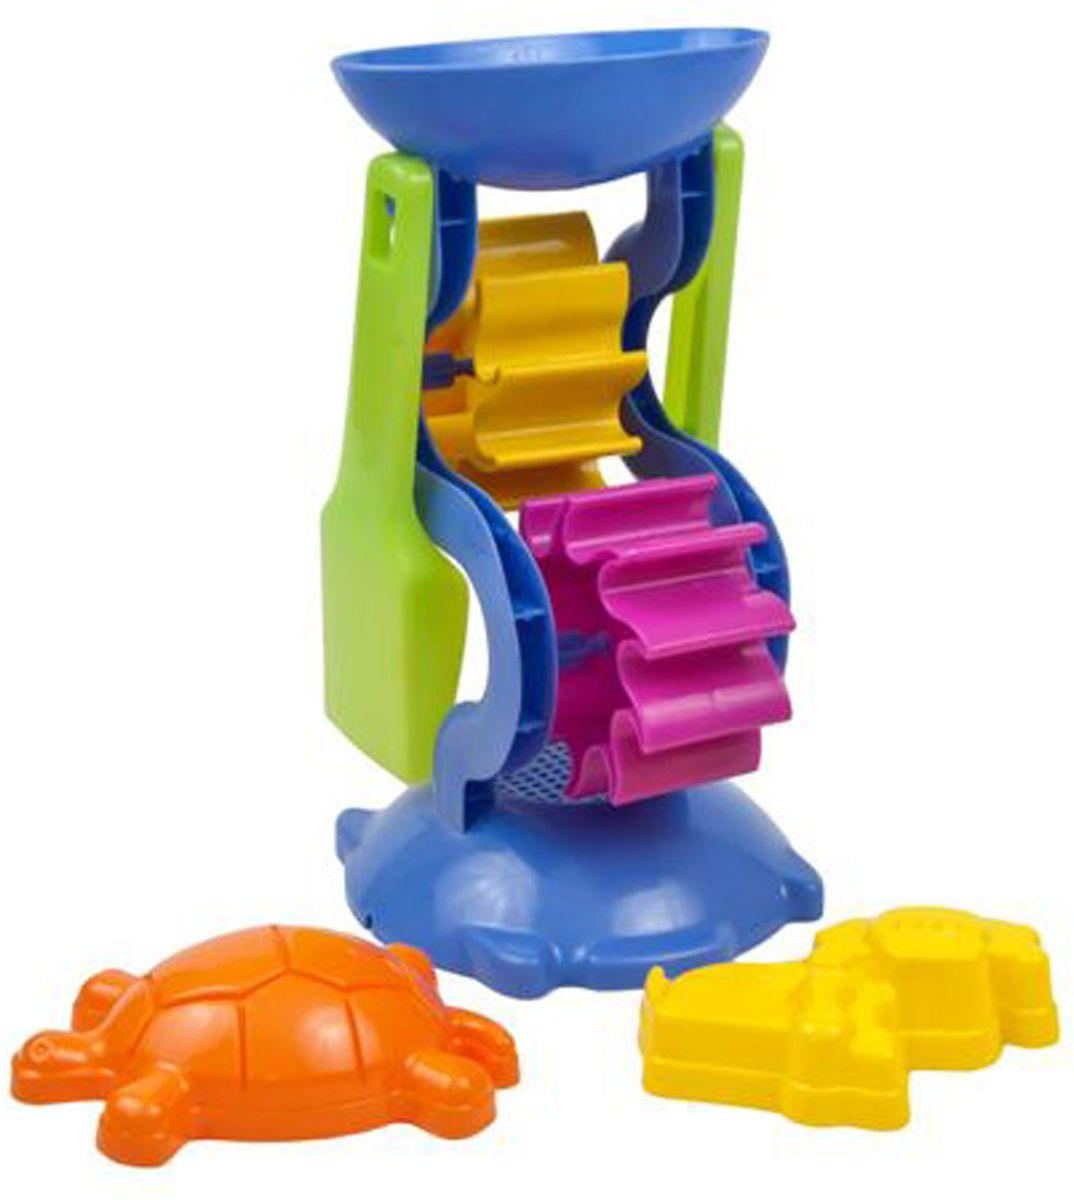 Zebratoys Набор Мельница15-5354Песочный набор это замечательный подарок для малышей, он подходит как для игры в песочнице так и для отдыха на пляже. Ударопрочный пластик и качественные красители надолго сохранят внешний вид игушки и будет радовать Ваших детей. УВАЖАЕМЫЕ КЛИЕНТЫ! Обращаем ваше внимание на ассортимент в цвете товара. Поставка осуществляется в зависимости от наличия на складе.